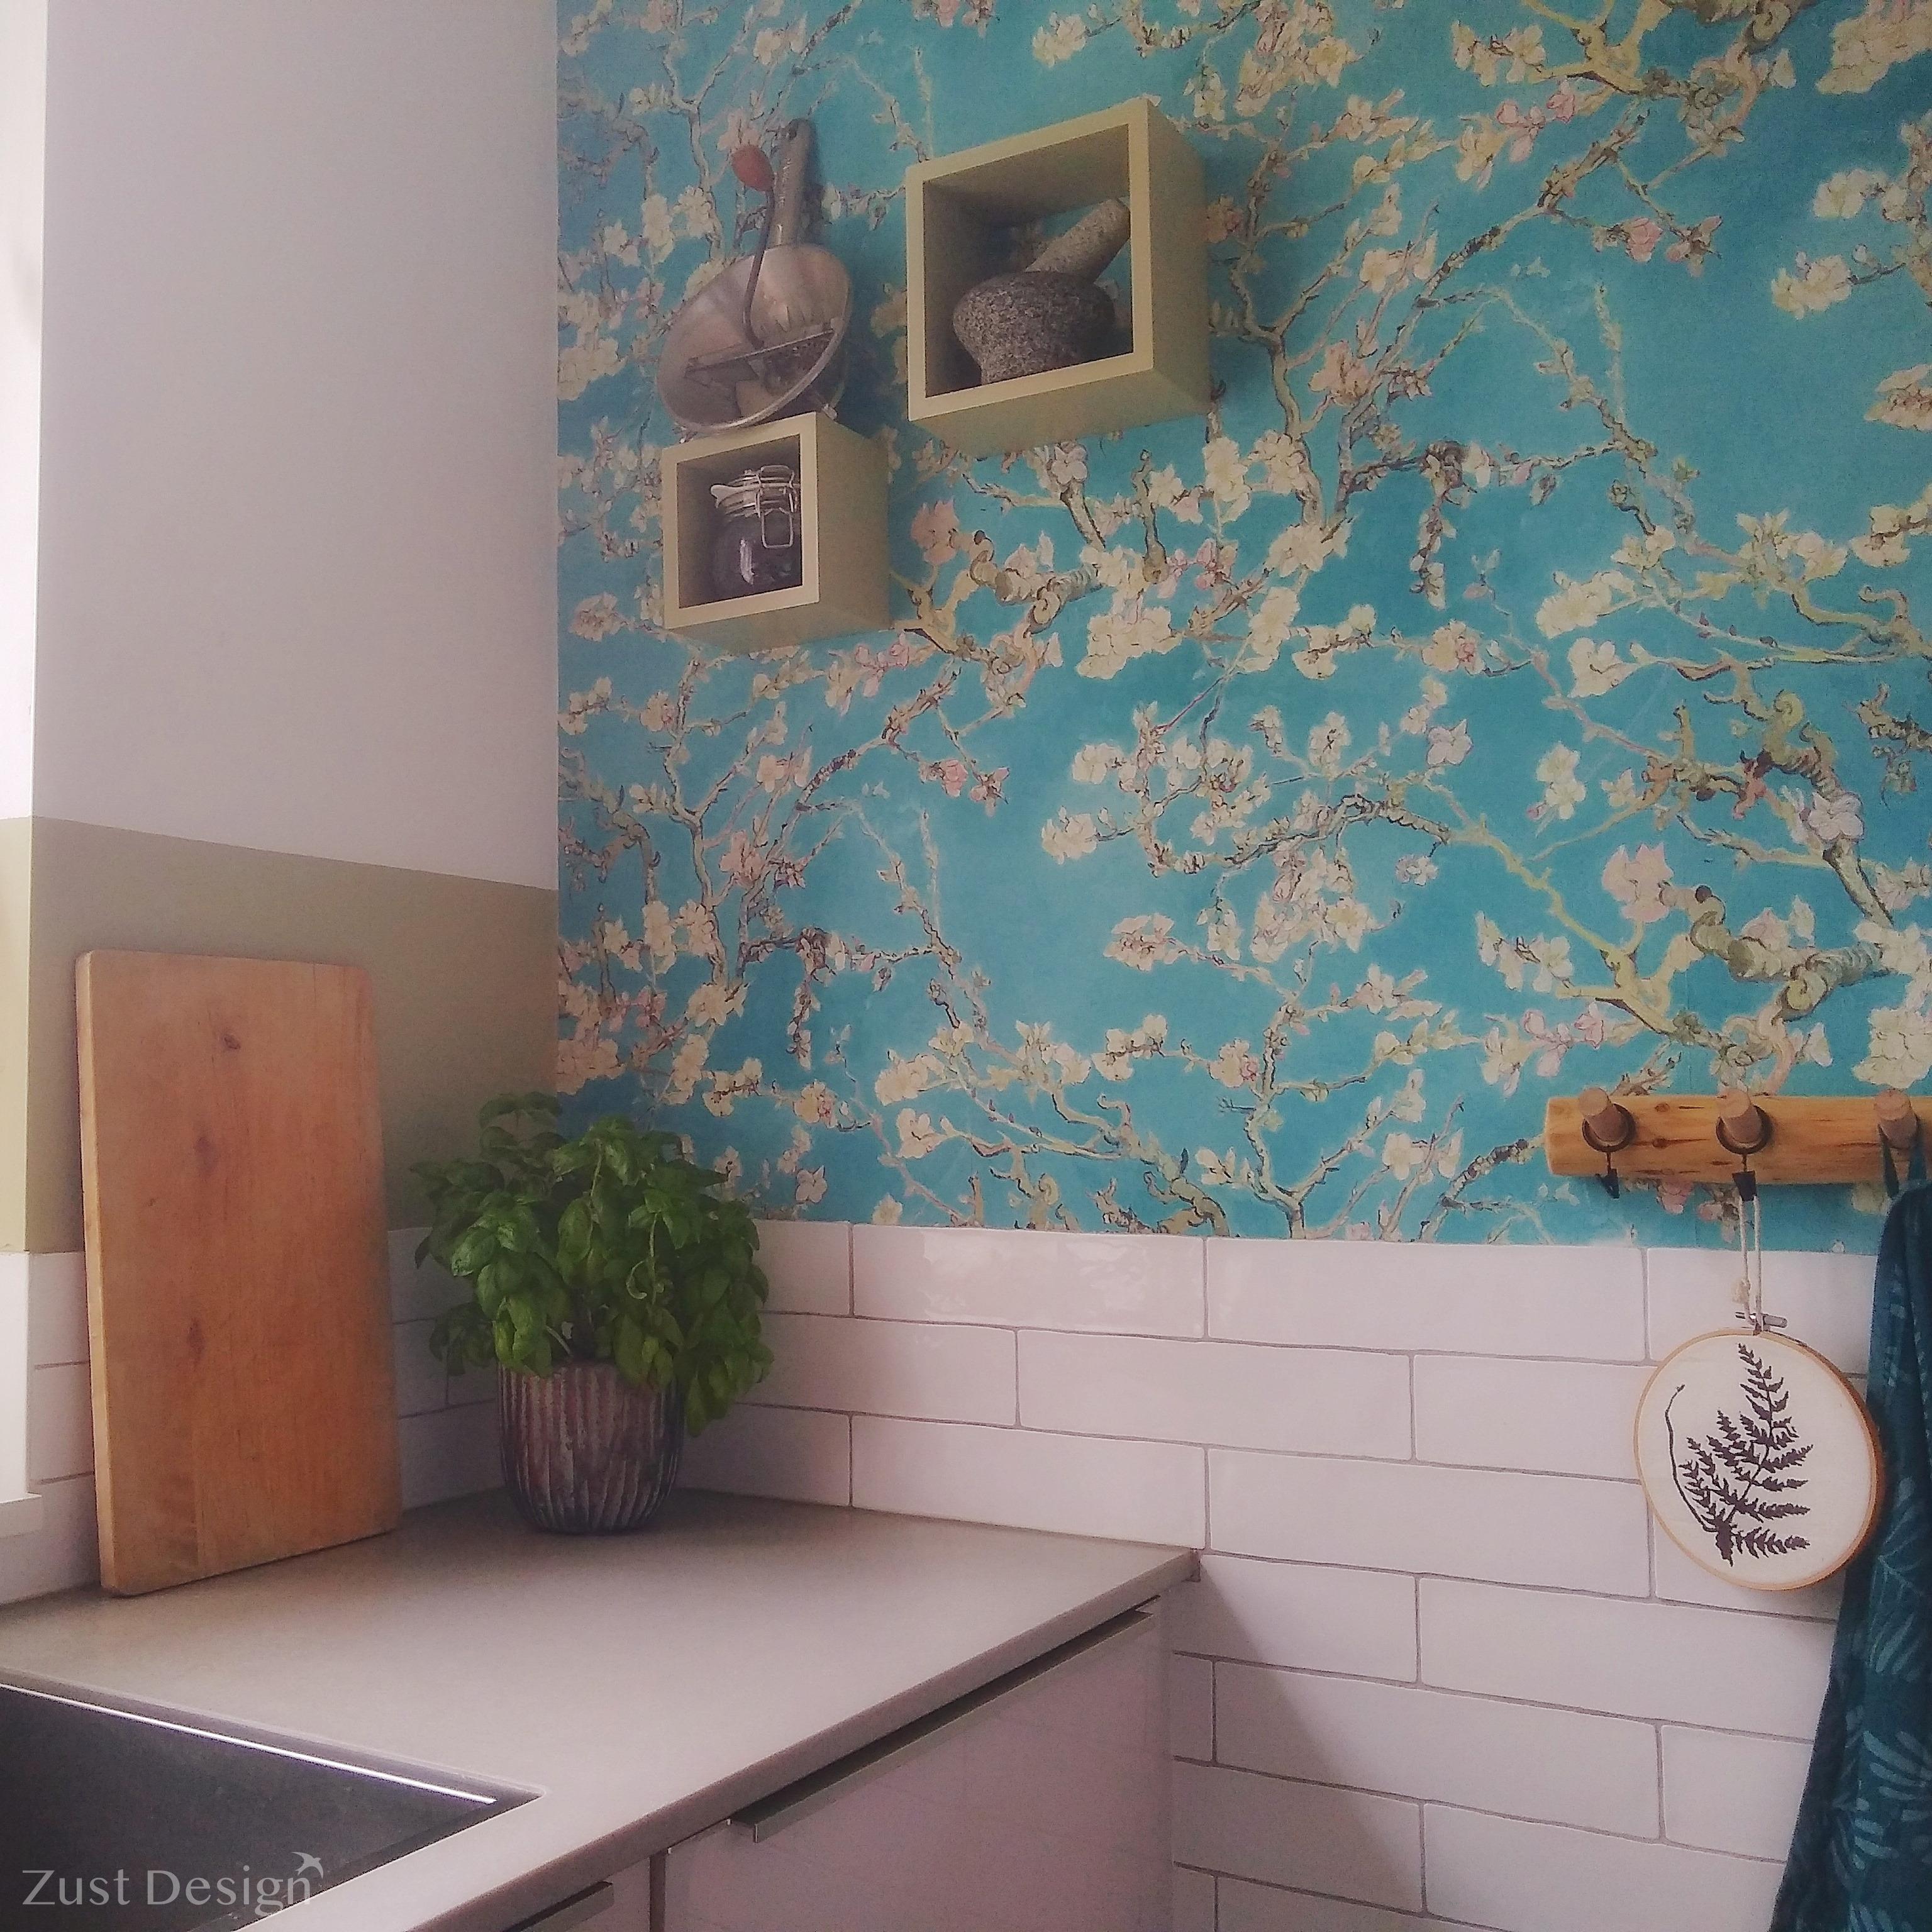 keuken design met Van Gogh behang